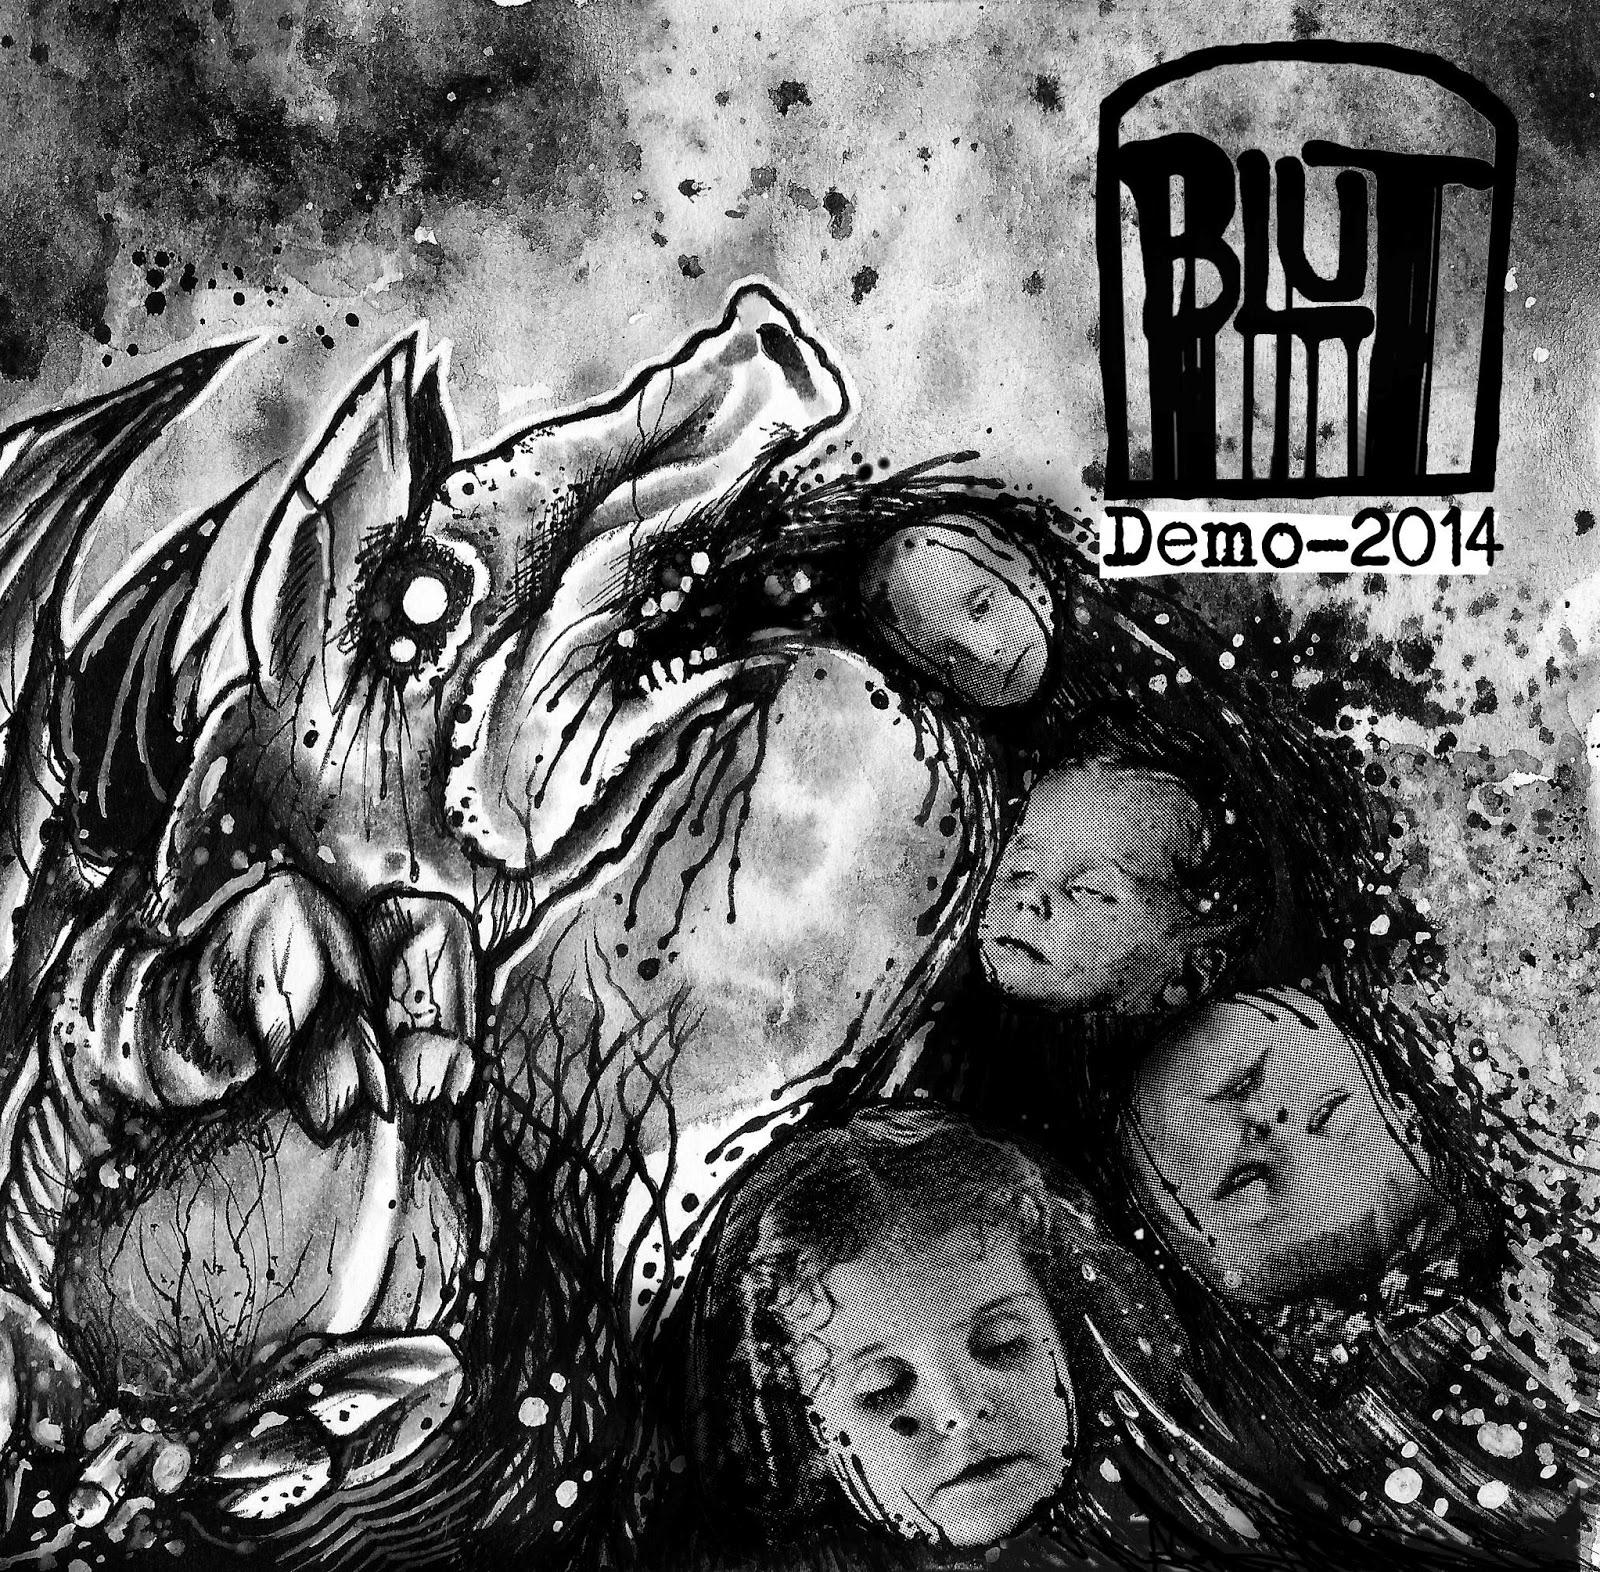 blut demo 2014